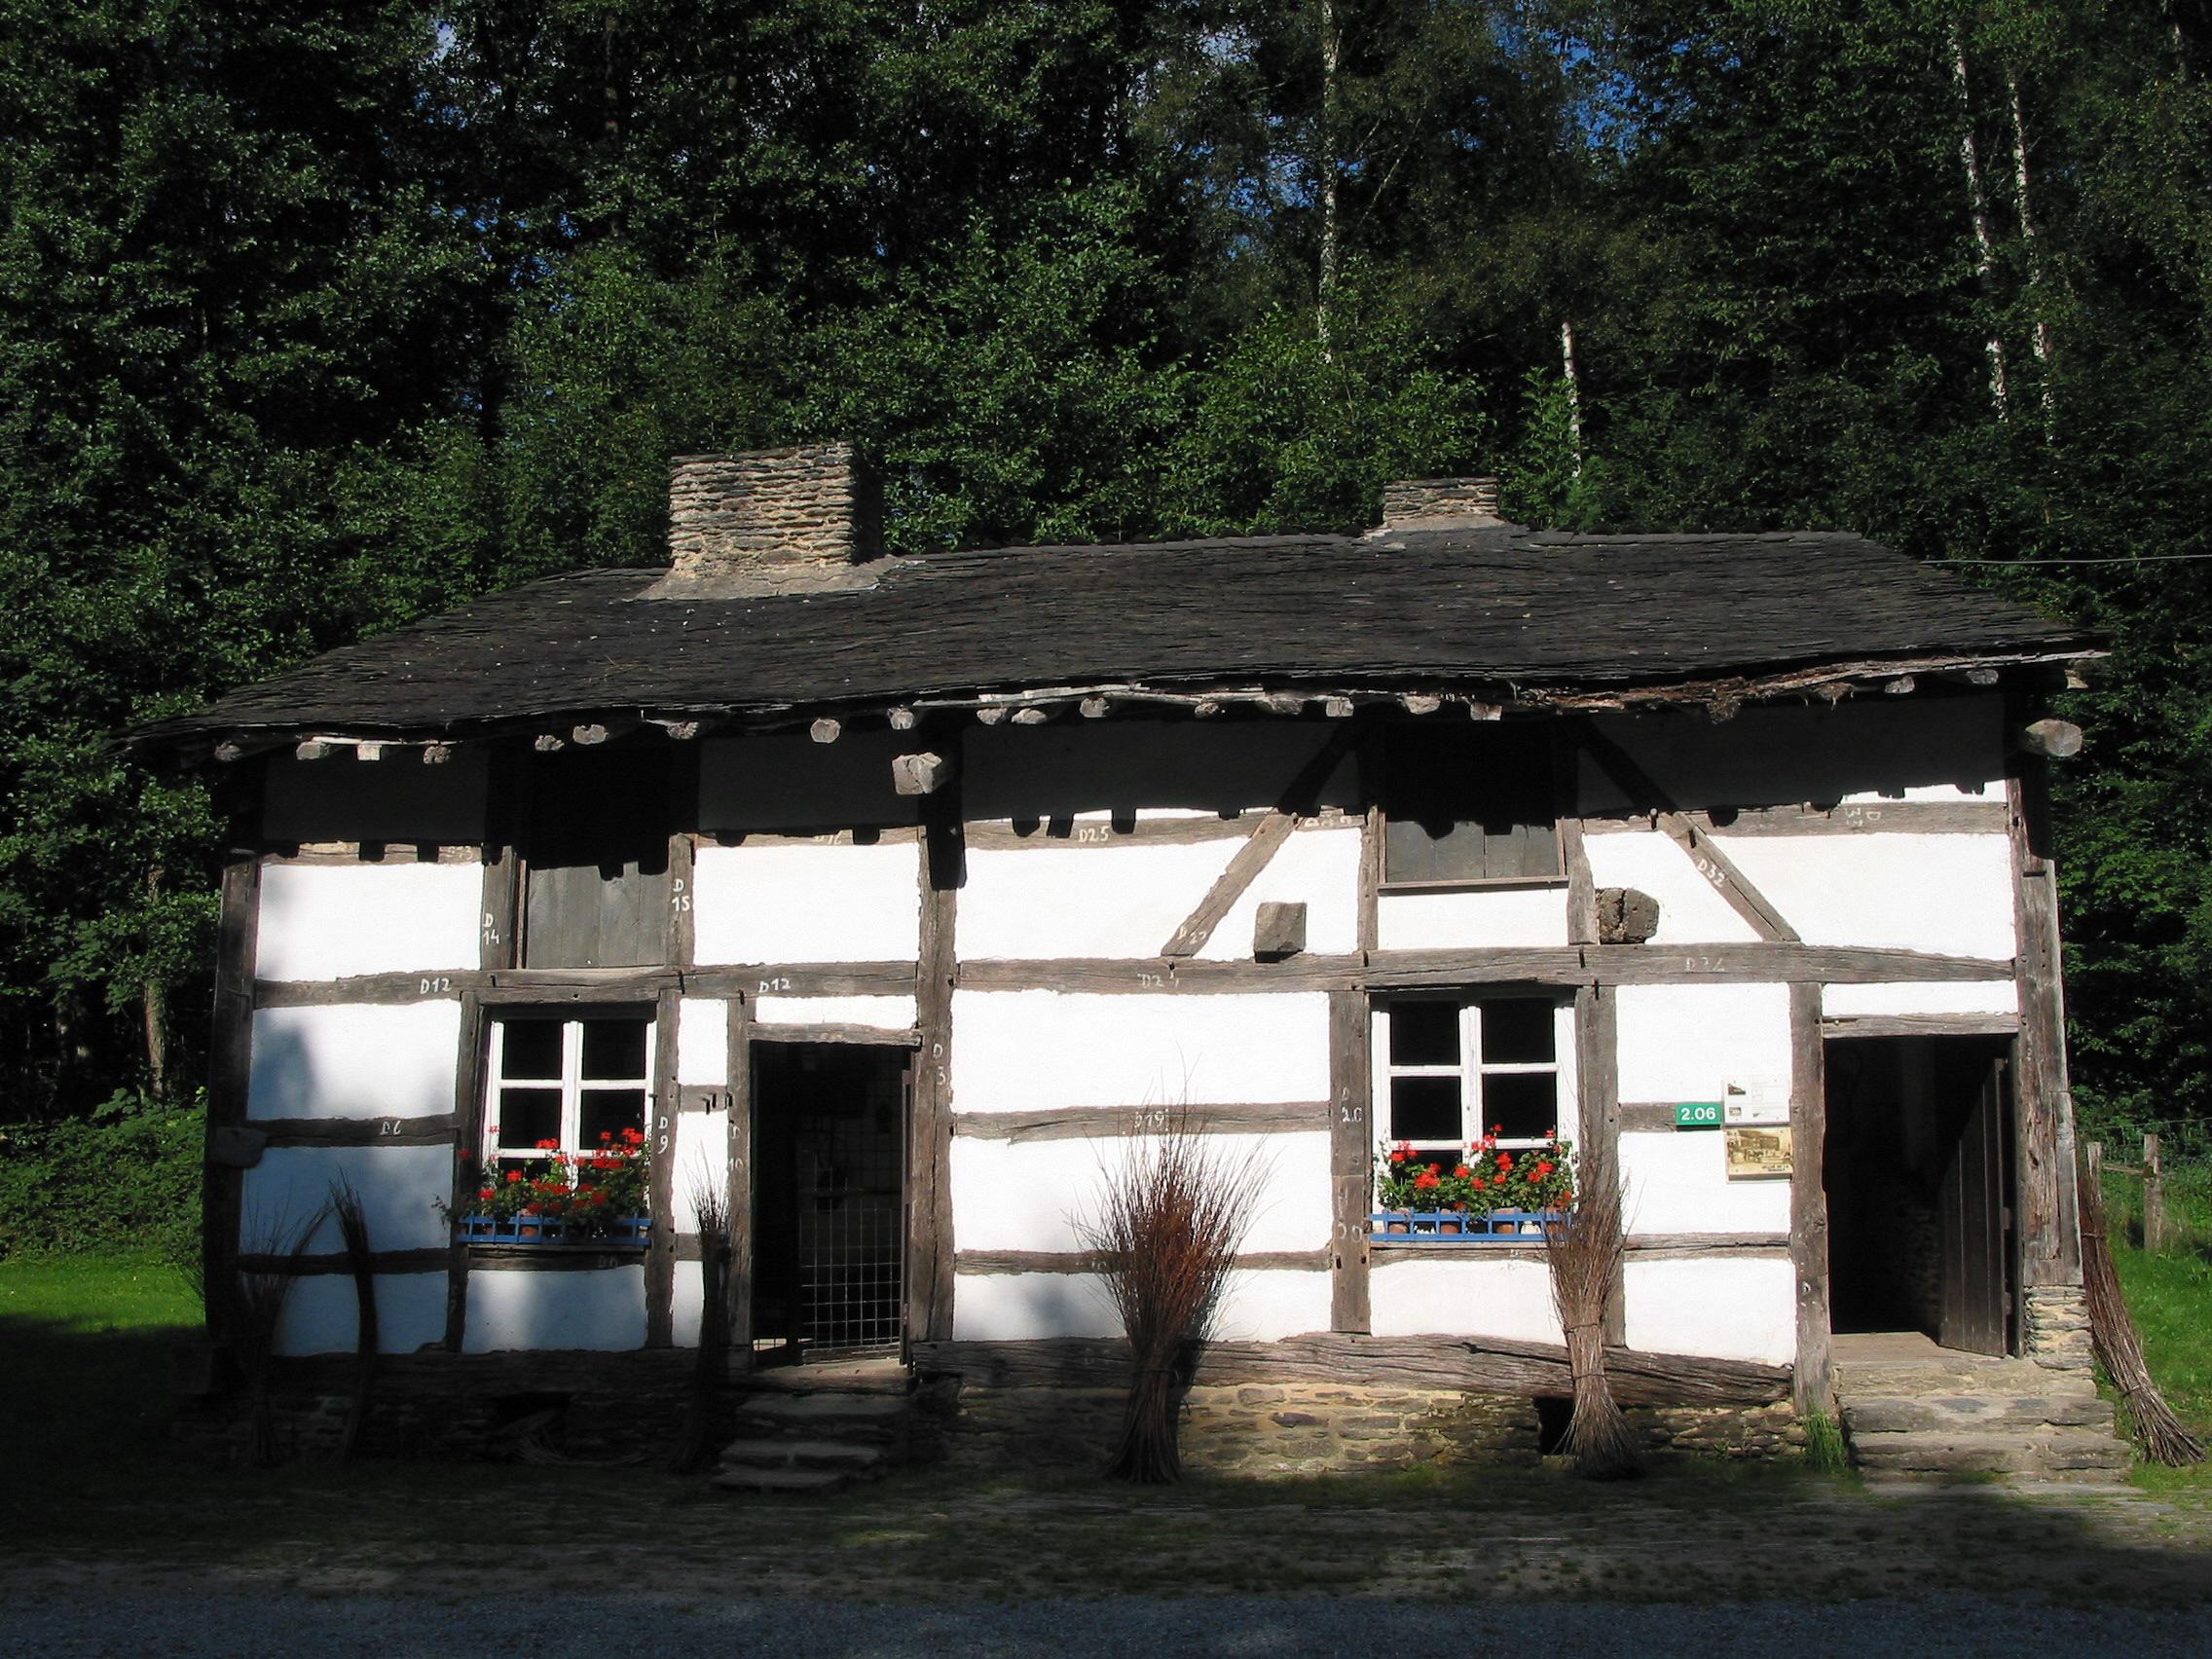 Doppelhaus mit Reetdach aus dem 18. Jahrhundert im Freilichtmuseum Fourneau Saint Michel in St. Hubert, Belgien